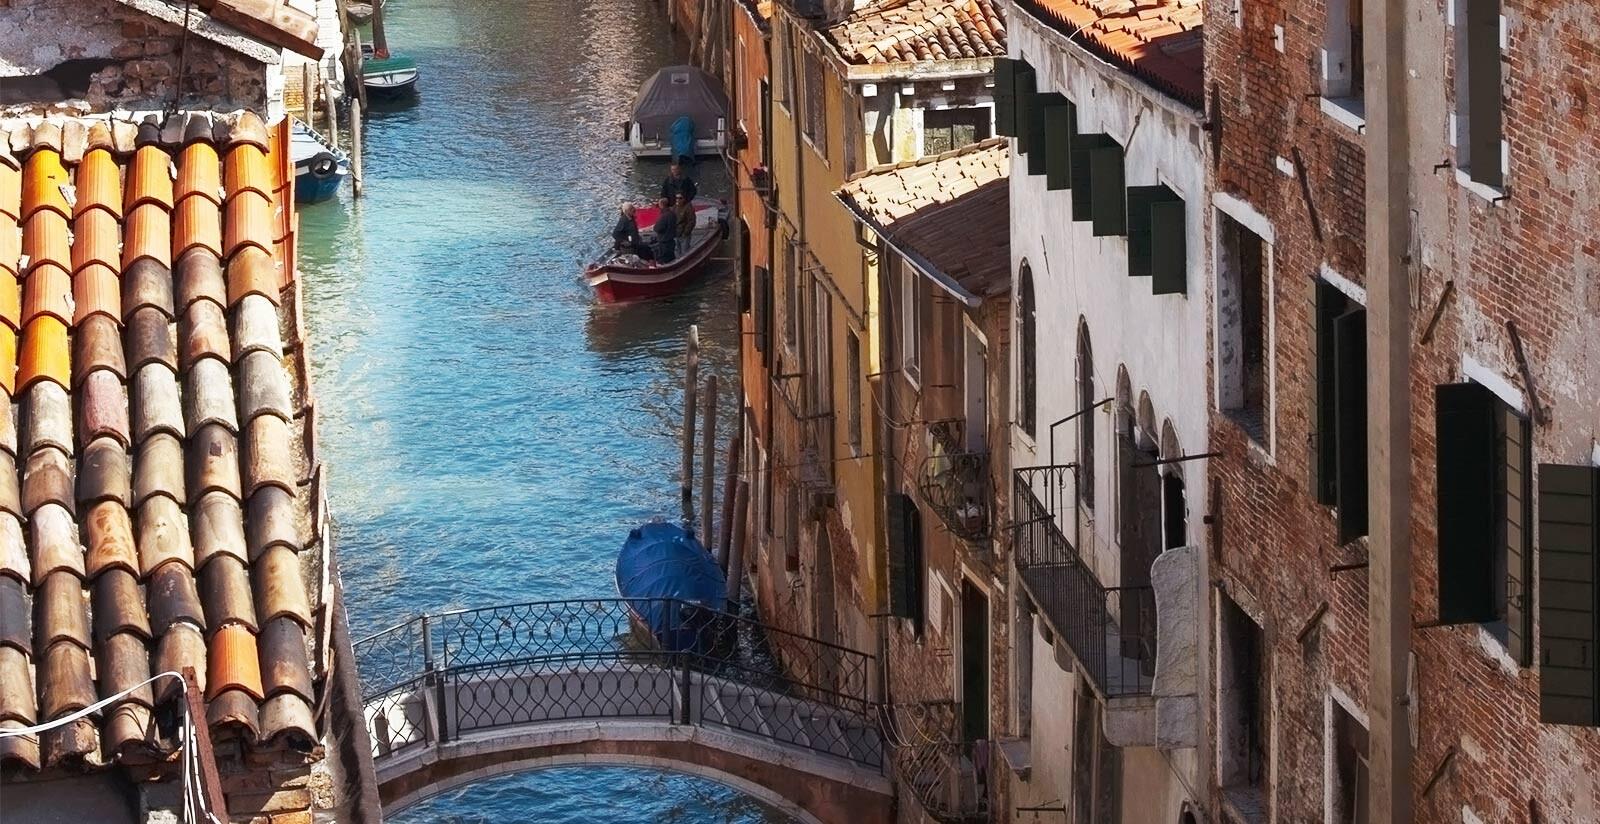 Vista nel centro di Venezia dell'Hotel Metropole.